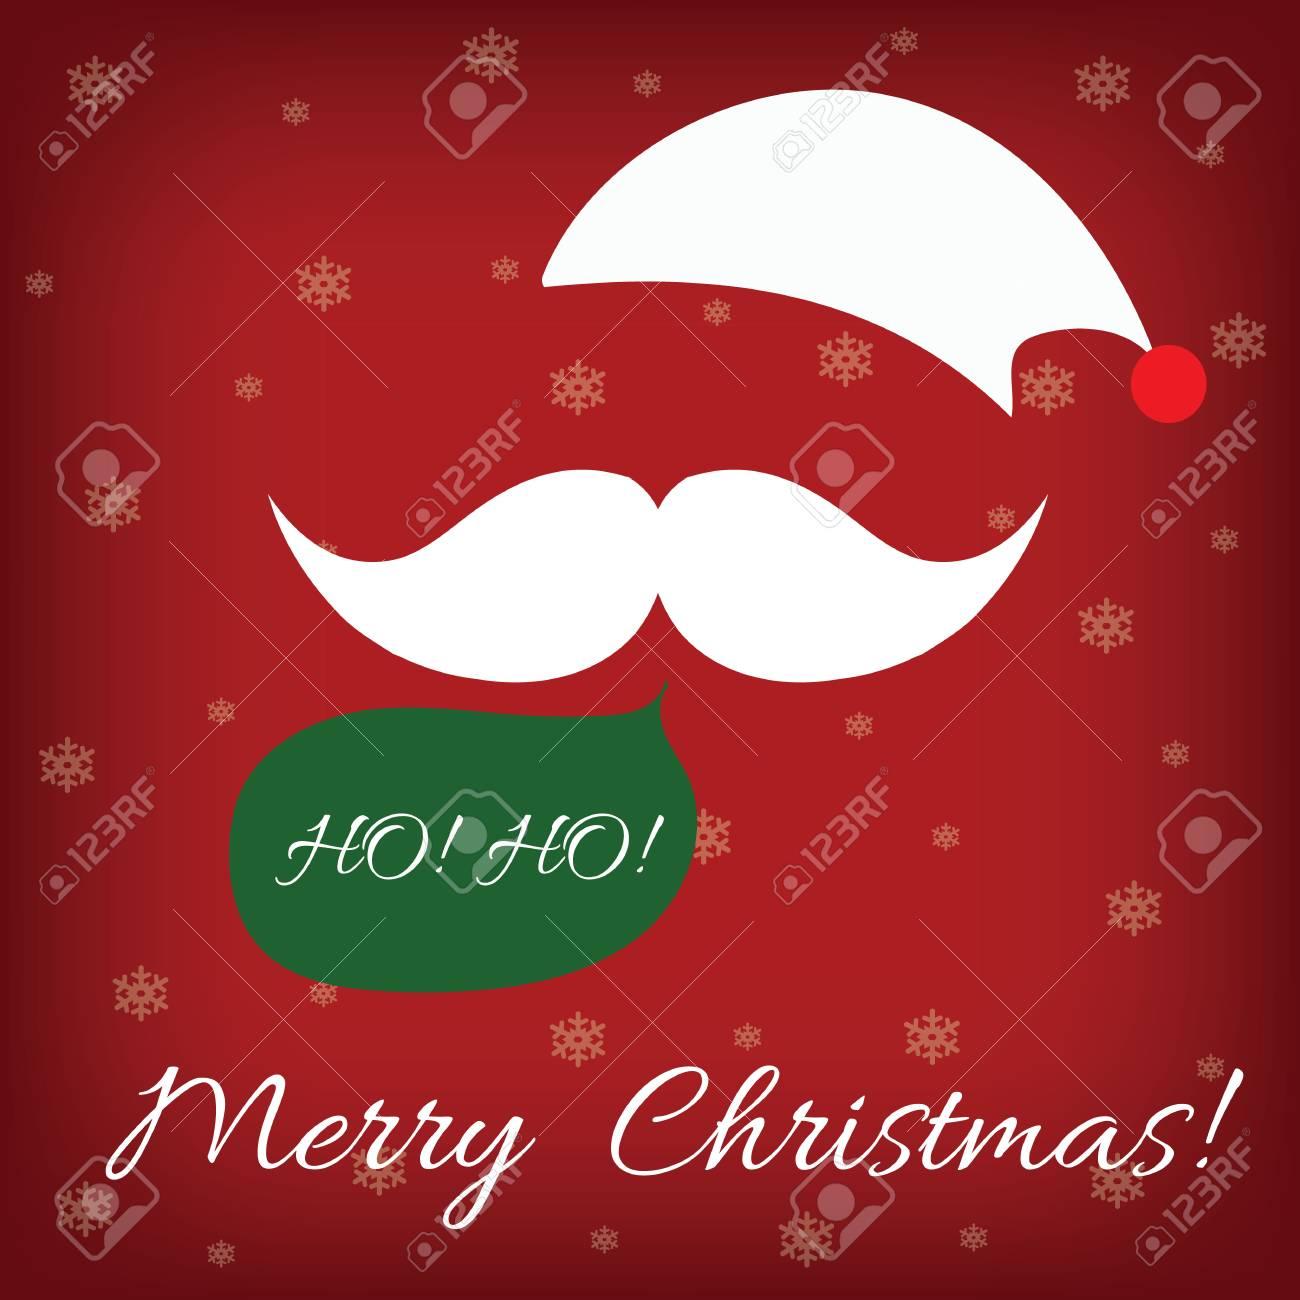 Ho Ho Ho Frohe Weihnachten.Stock Photo